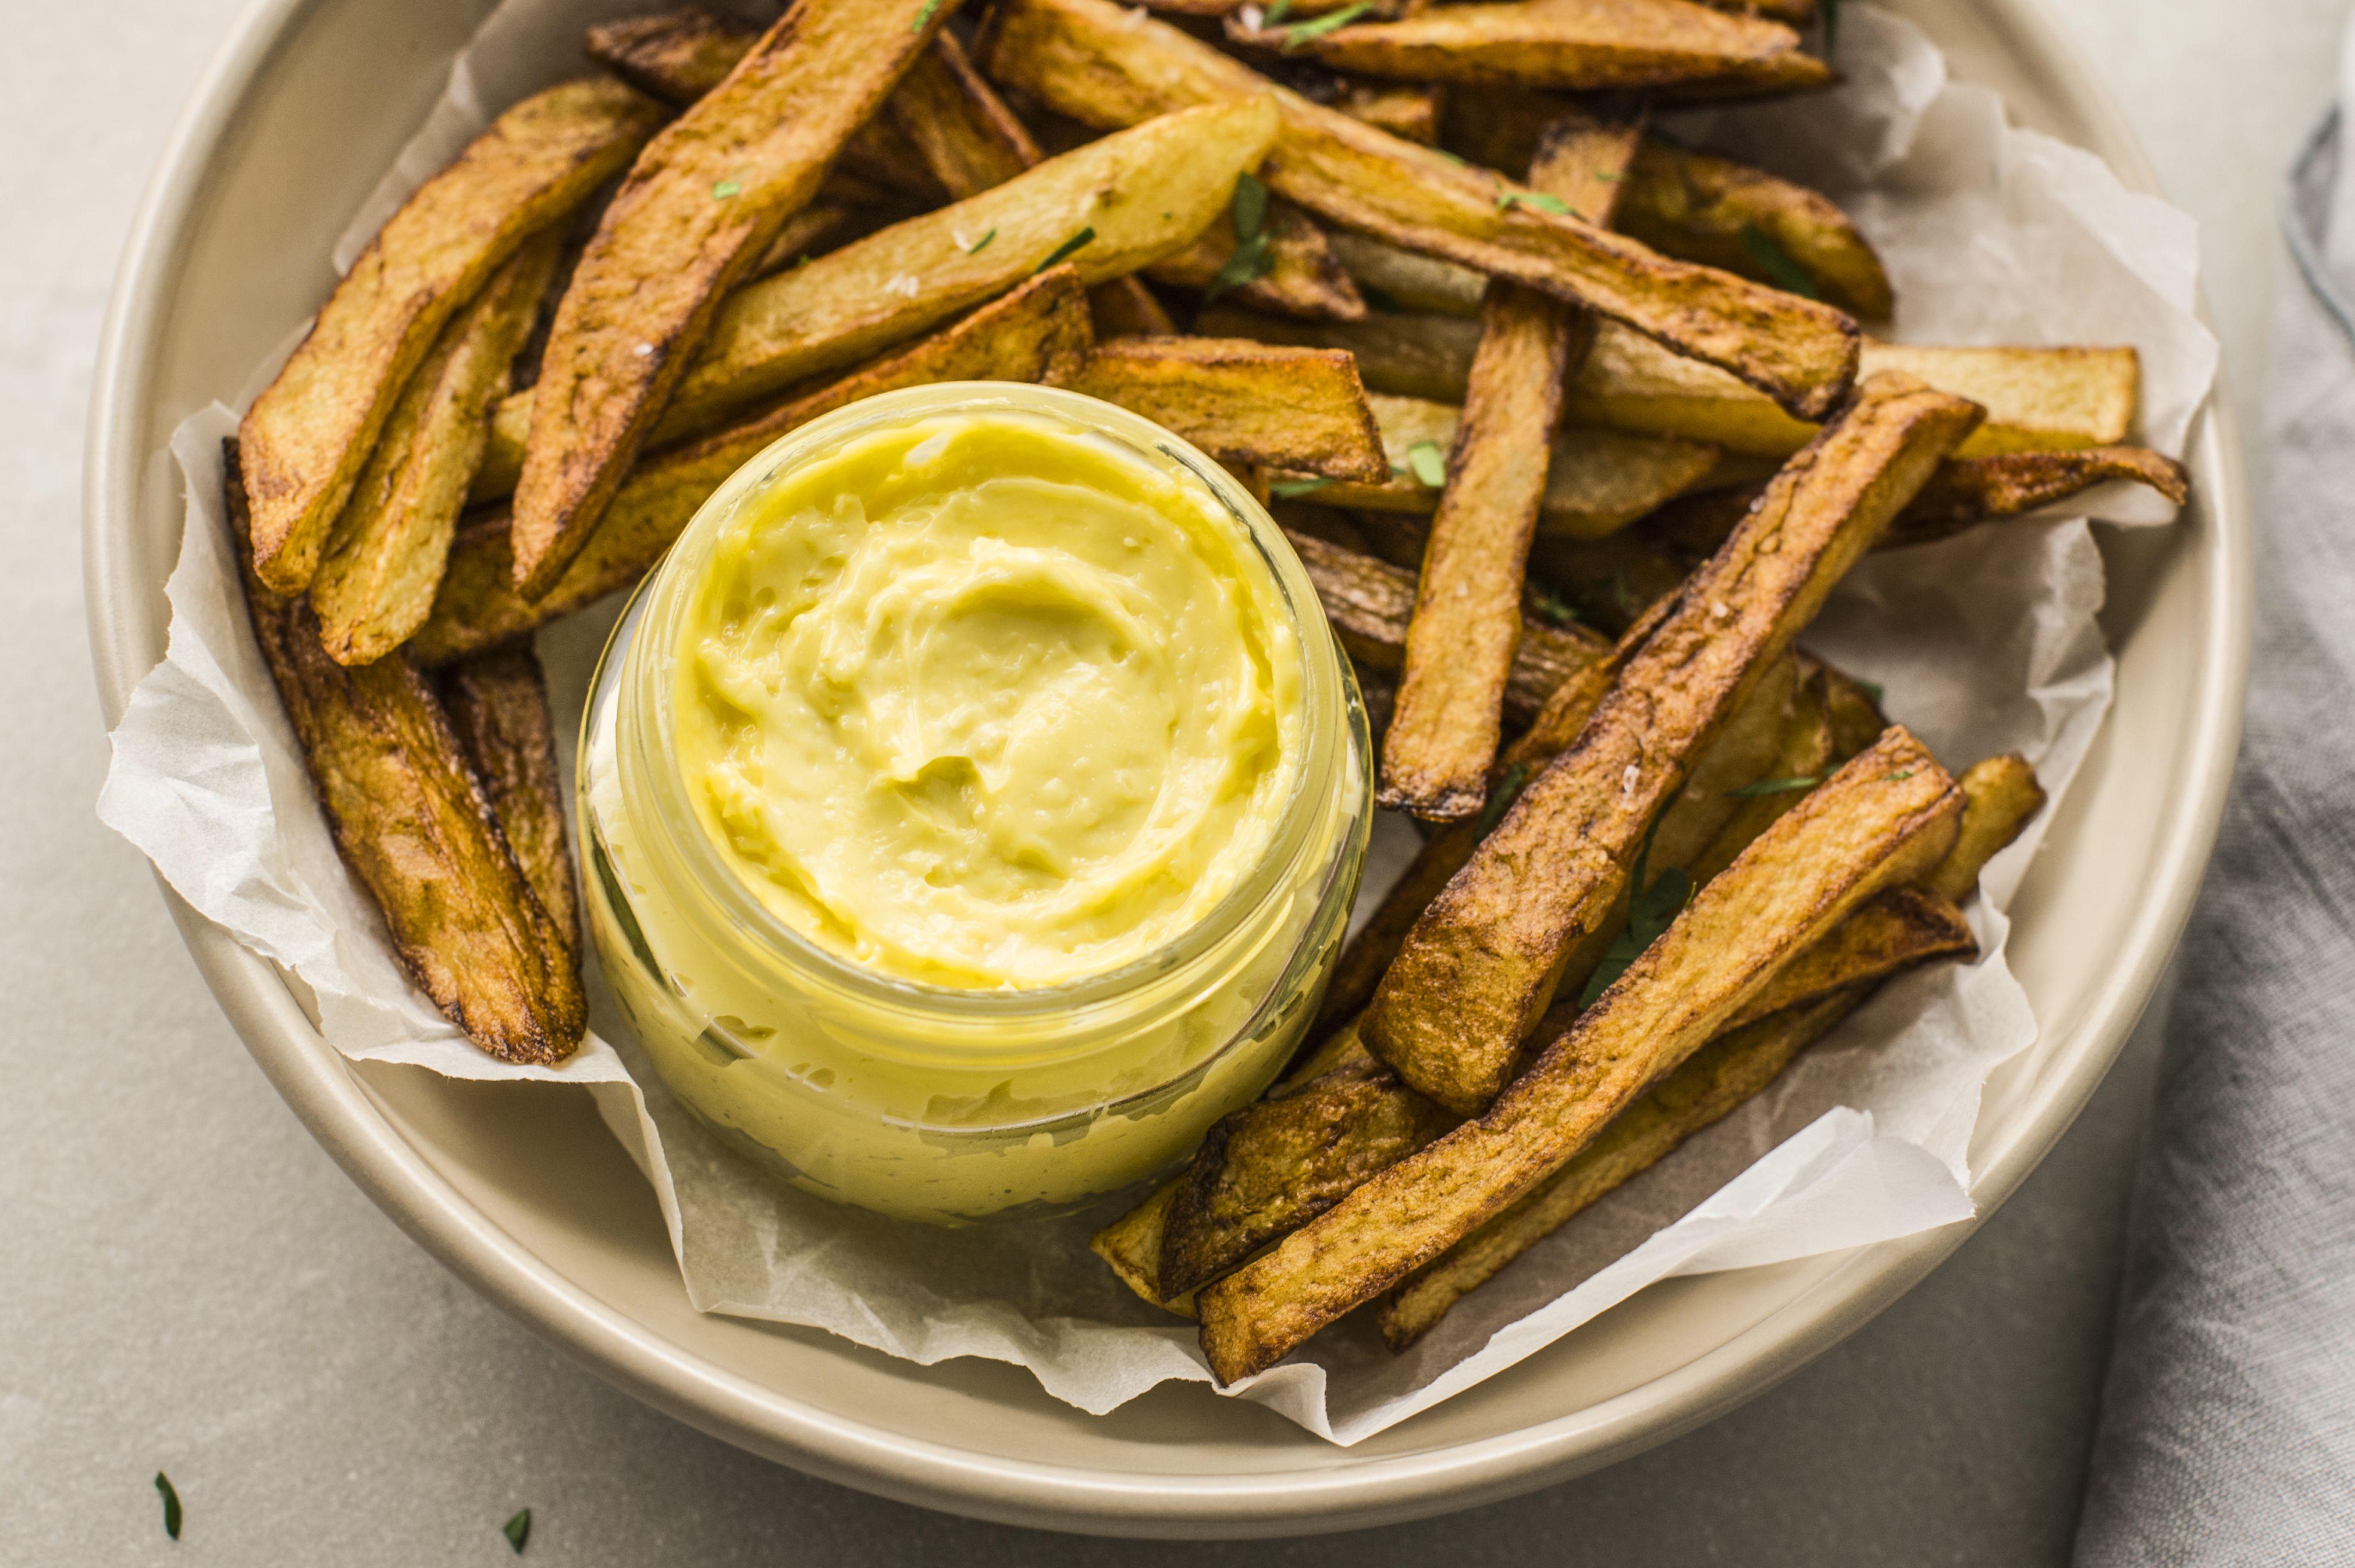 Spanish garlic mayo